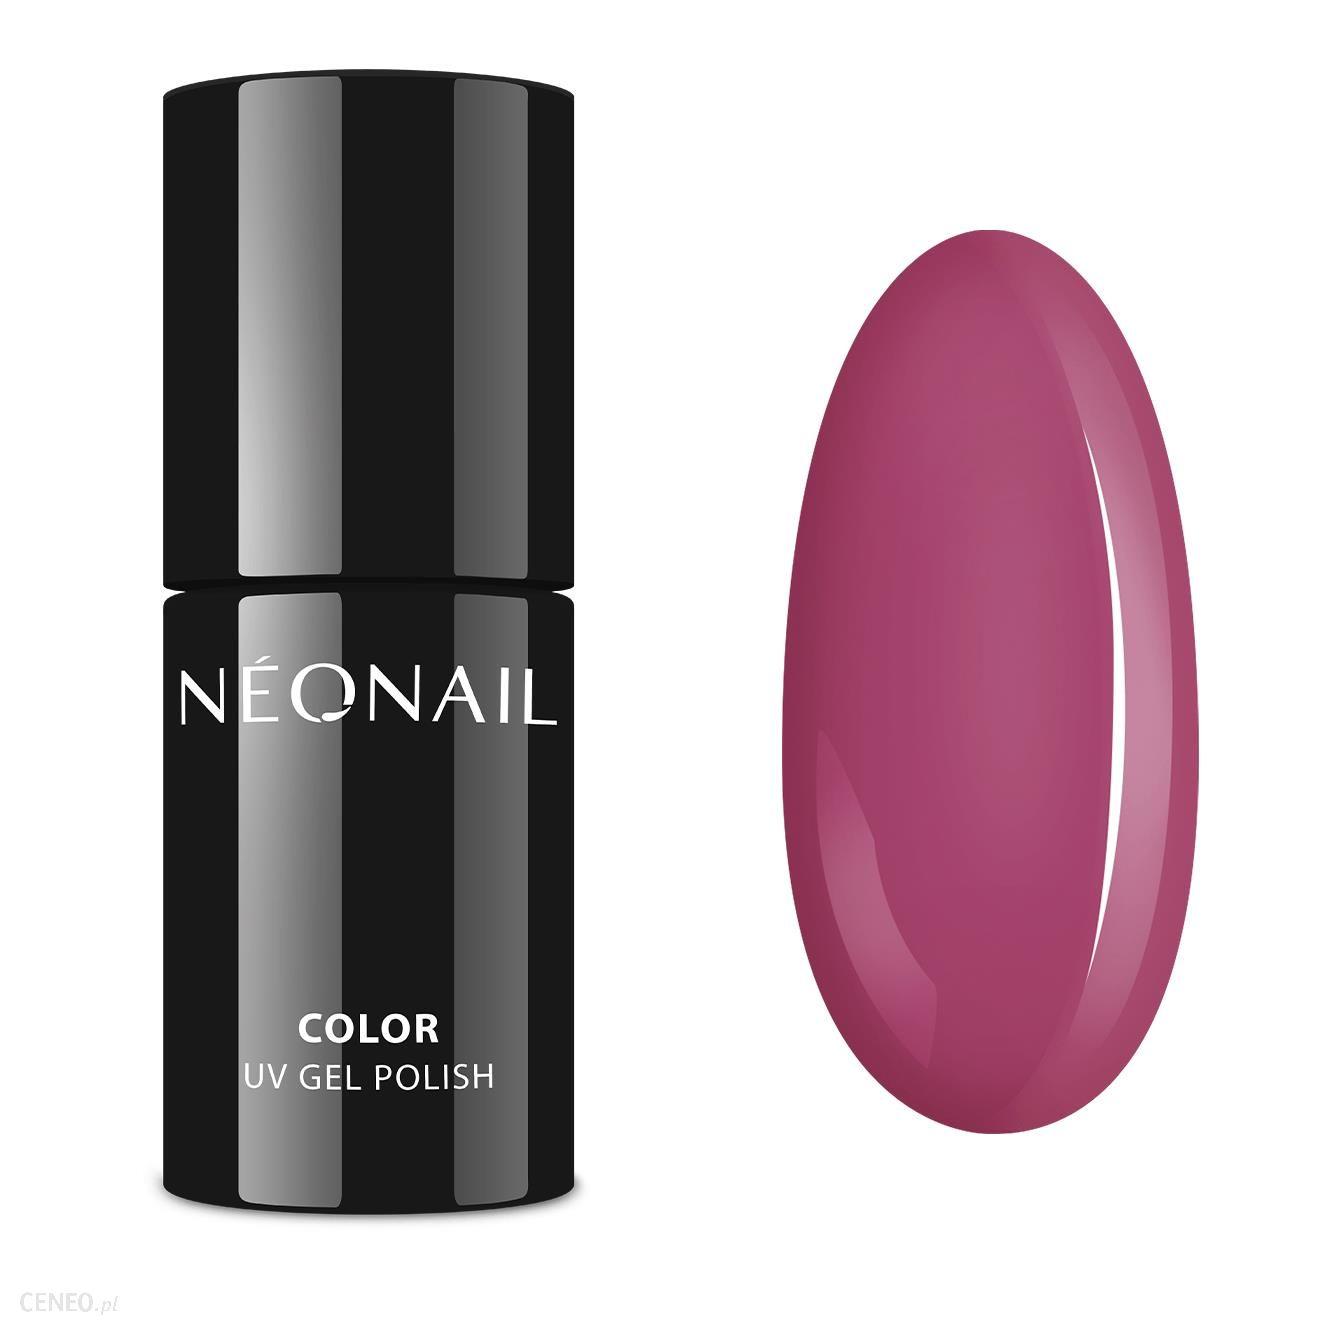 NEONAIL Cashmere Women Lakier hybrydowy Velvet Lips 7